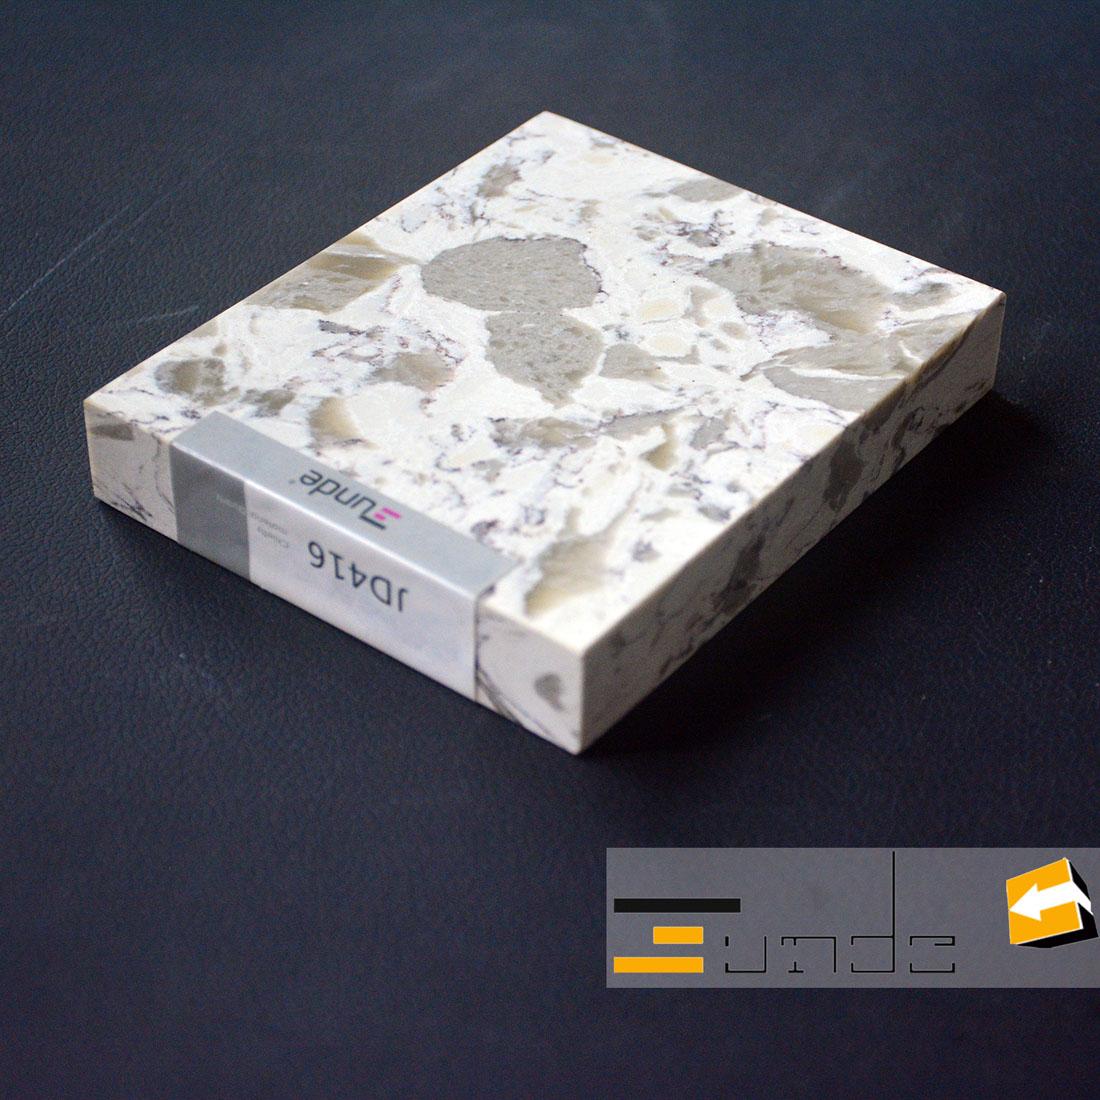 calacatta white quartz stone sample jd416-2